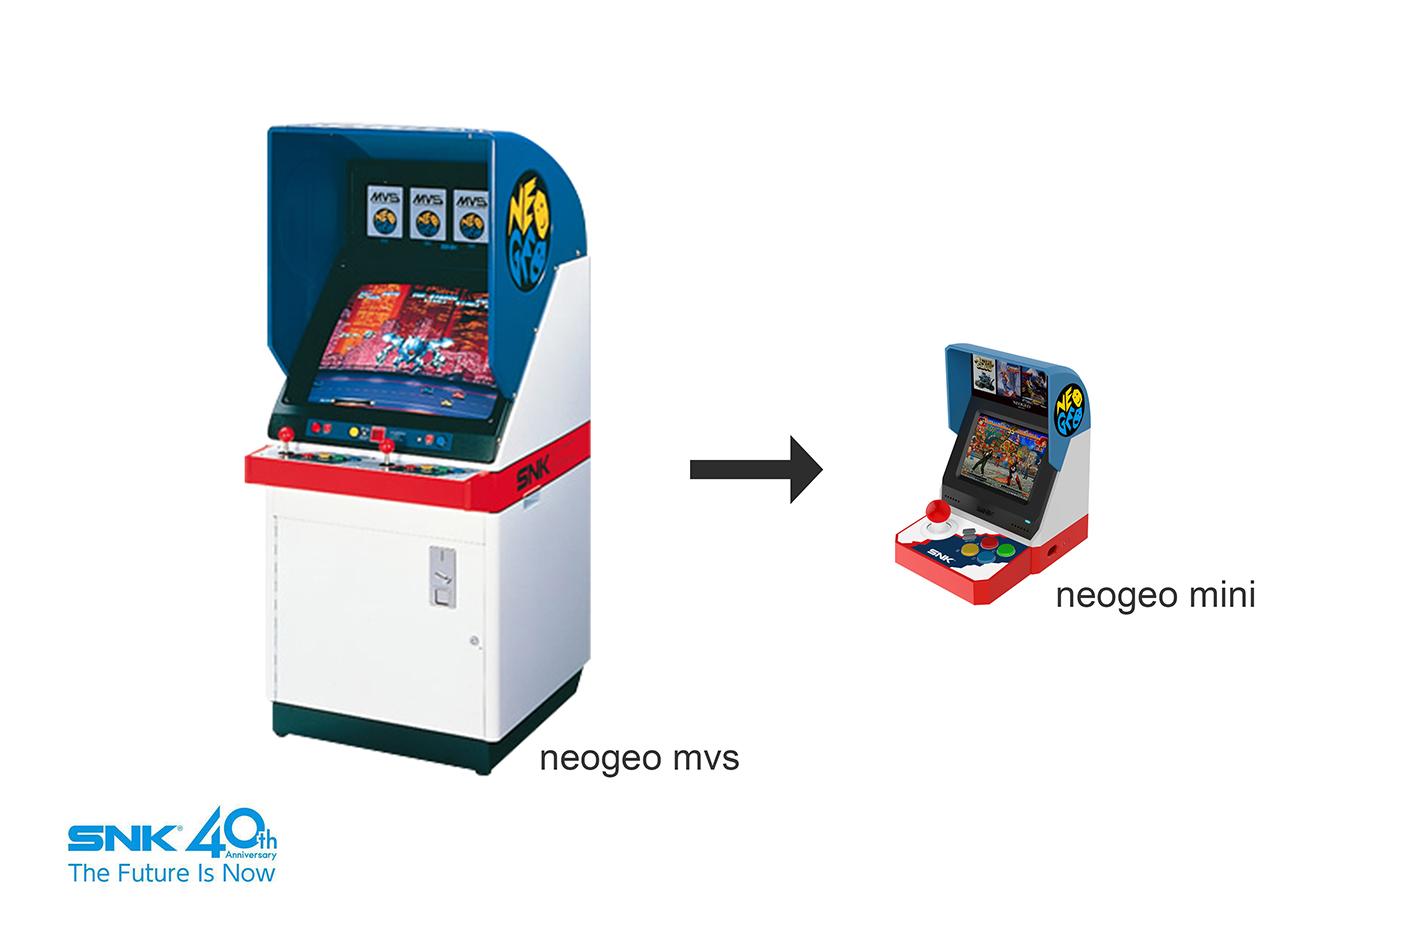 NEOGEOmini_MVS